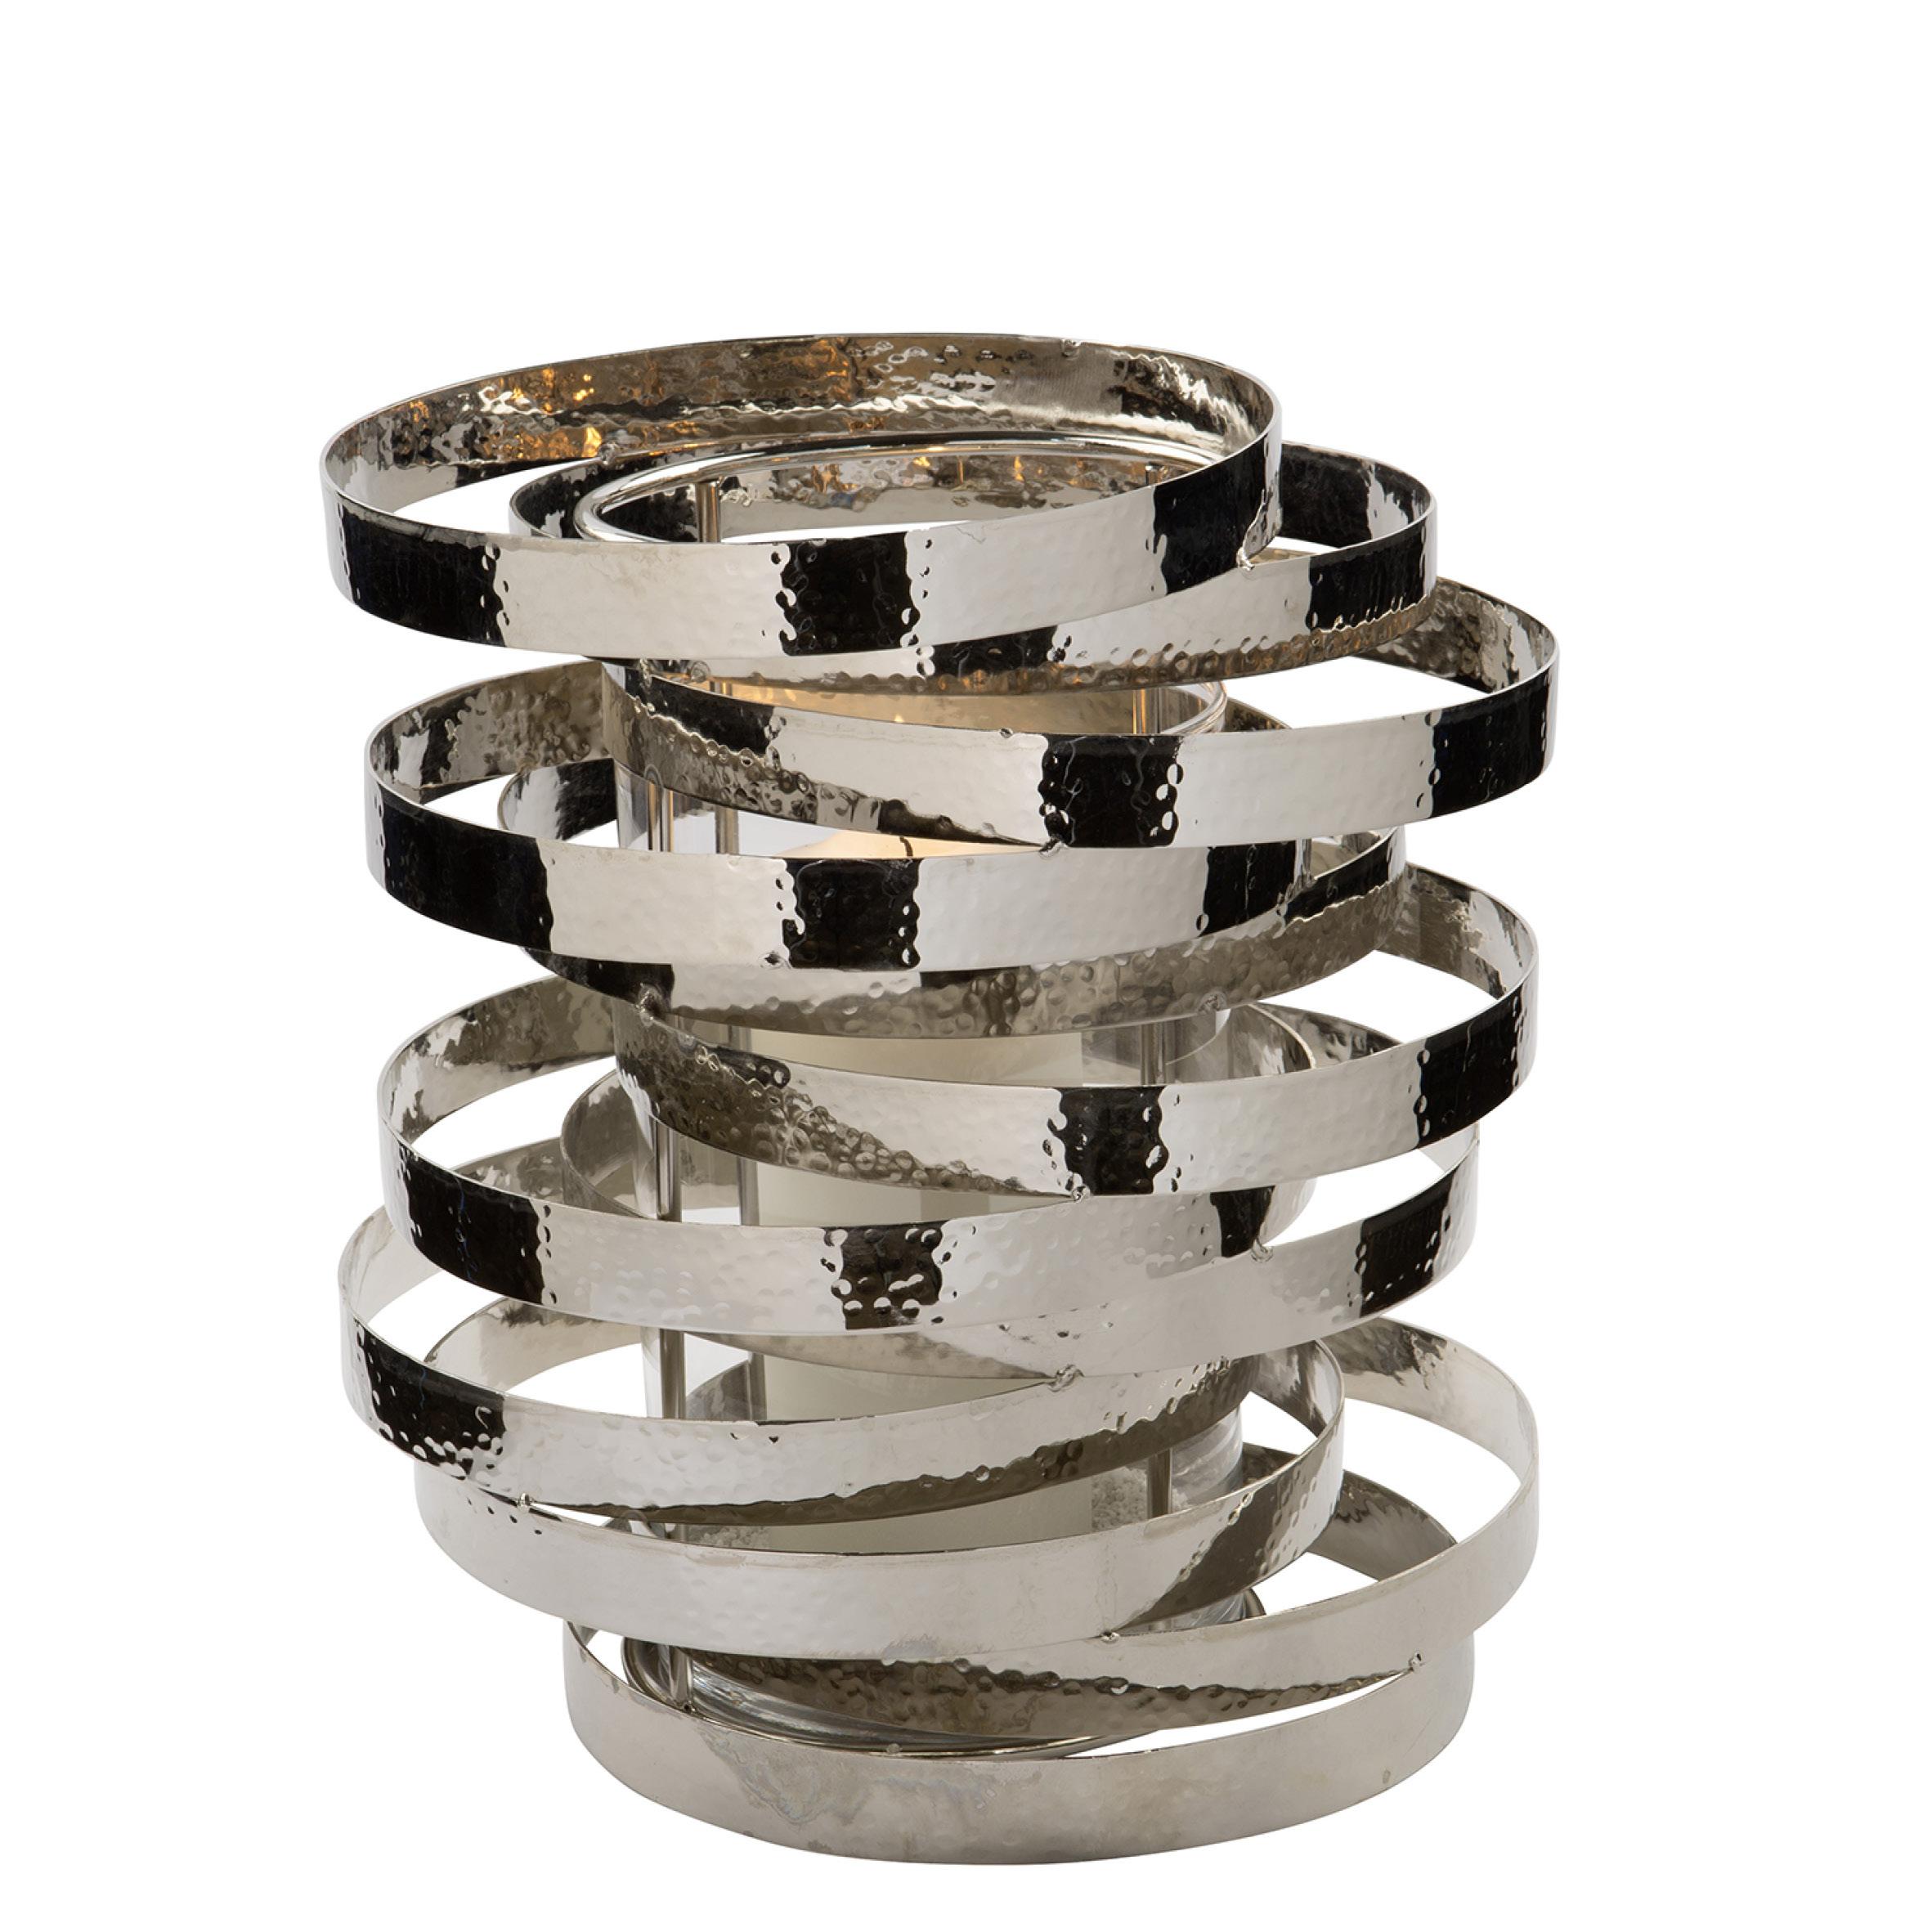 FINK Living Windlicht Mirage in groß gehämmertes Metall / Glas